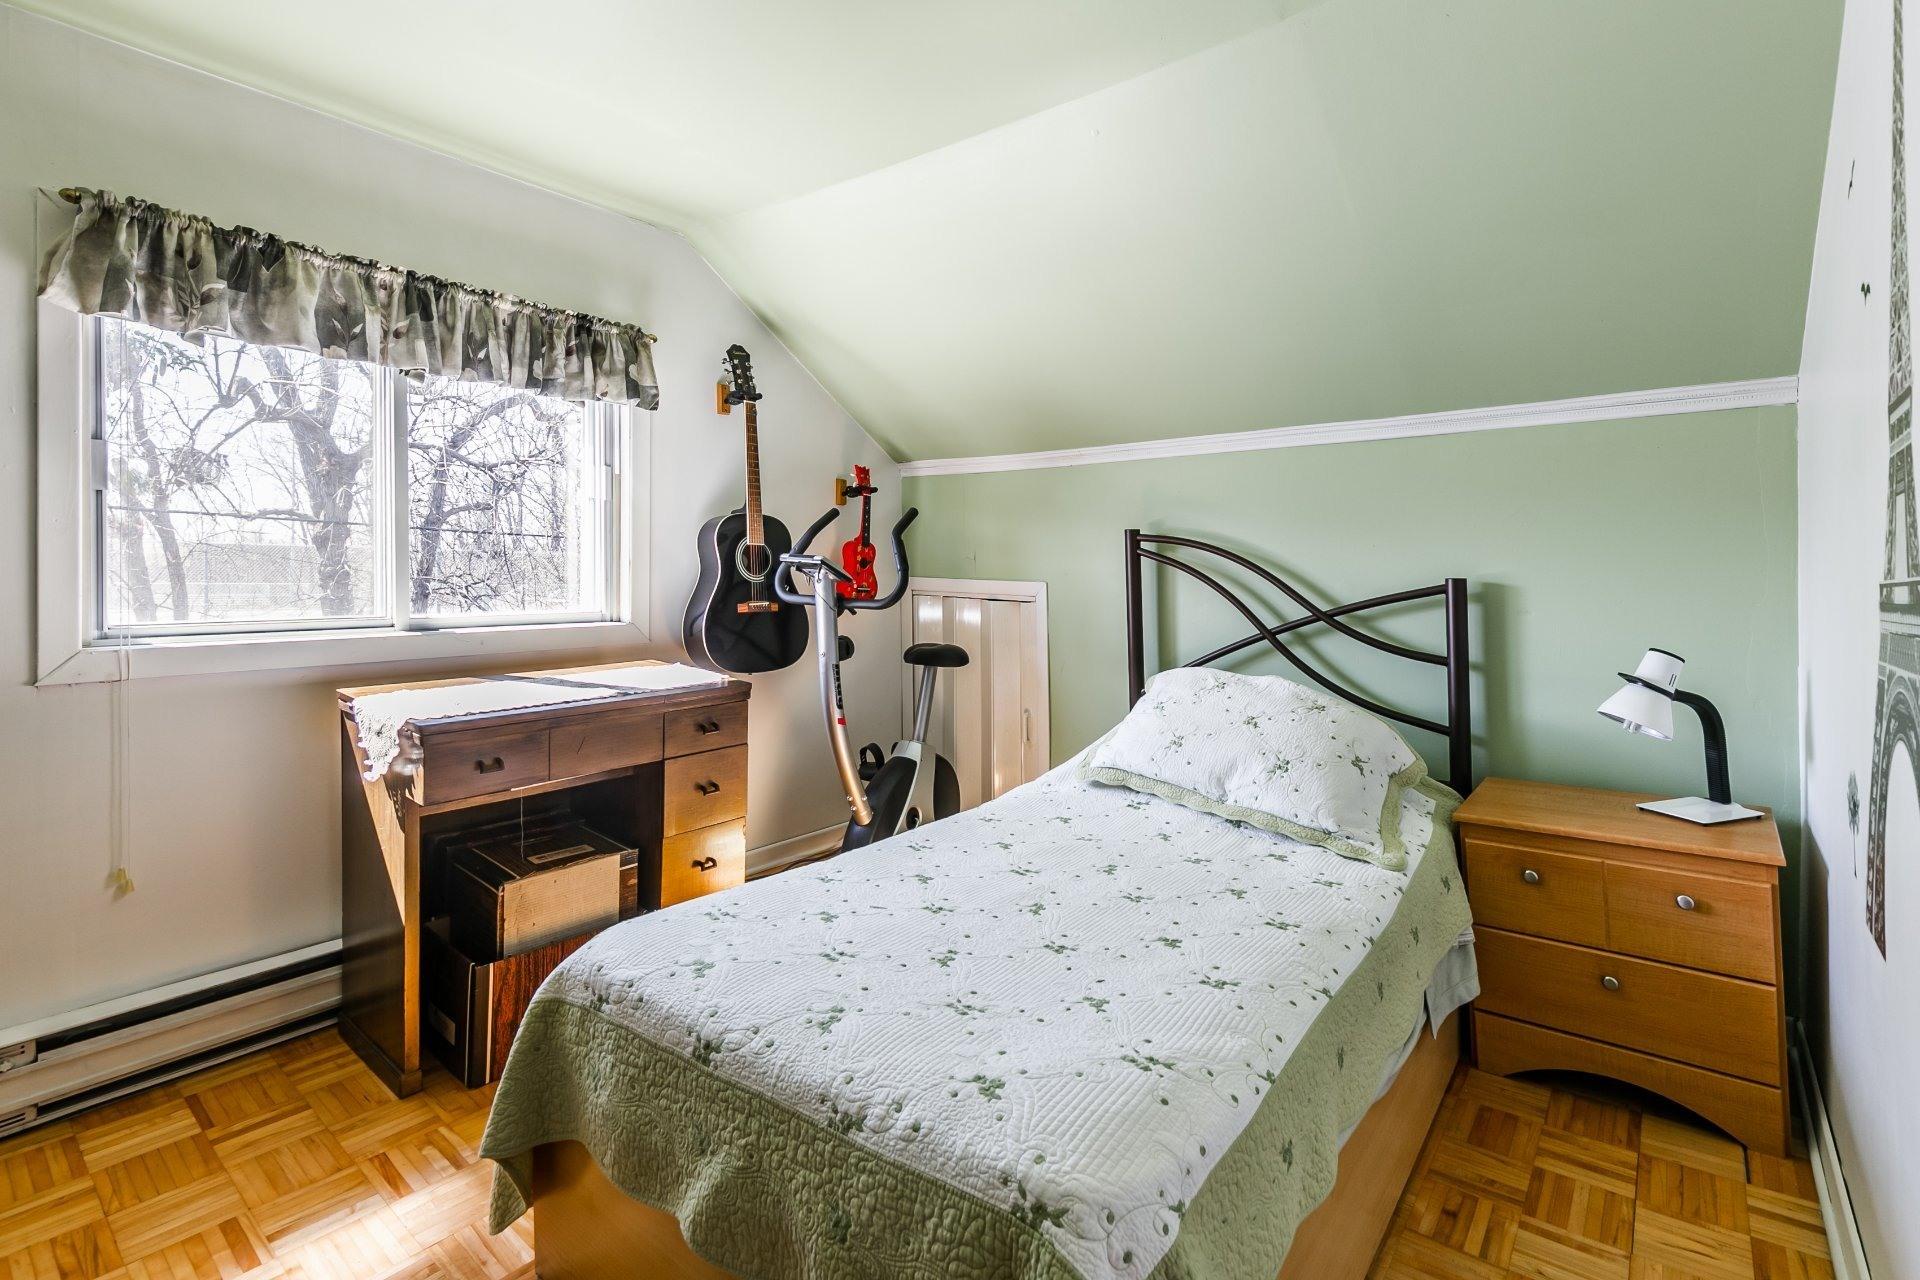 image 21 - Maison À vendre Rivière-des-Prairies/Pointe-aux-Trembles Montréal  - 7 pièces